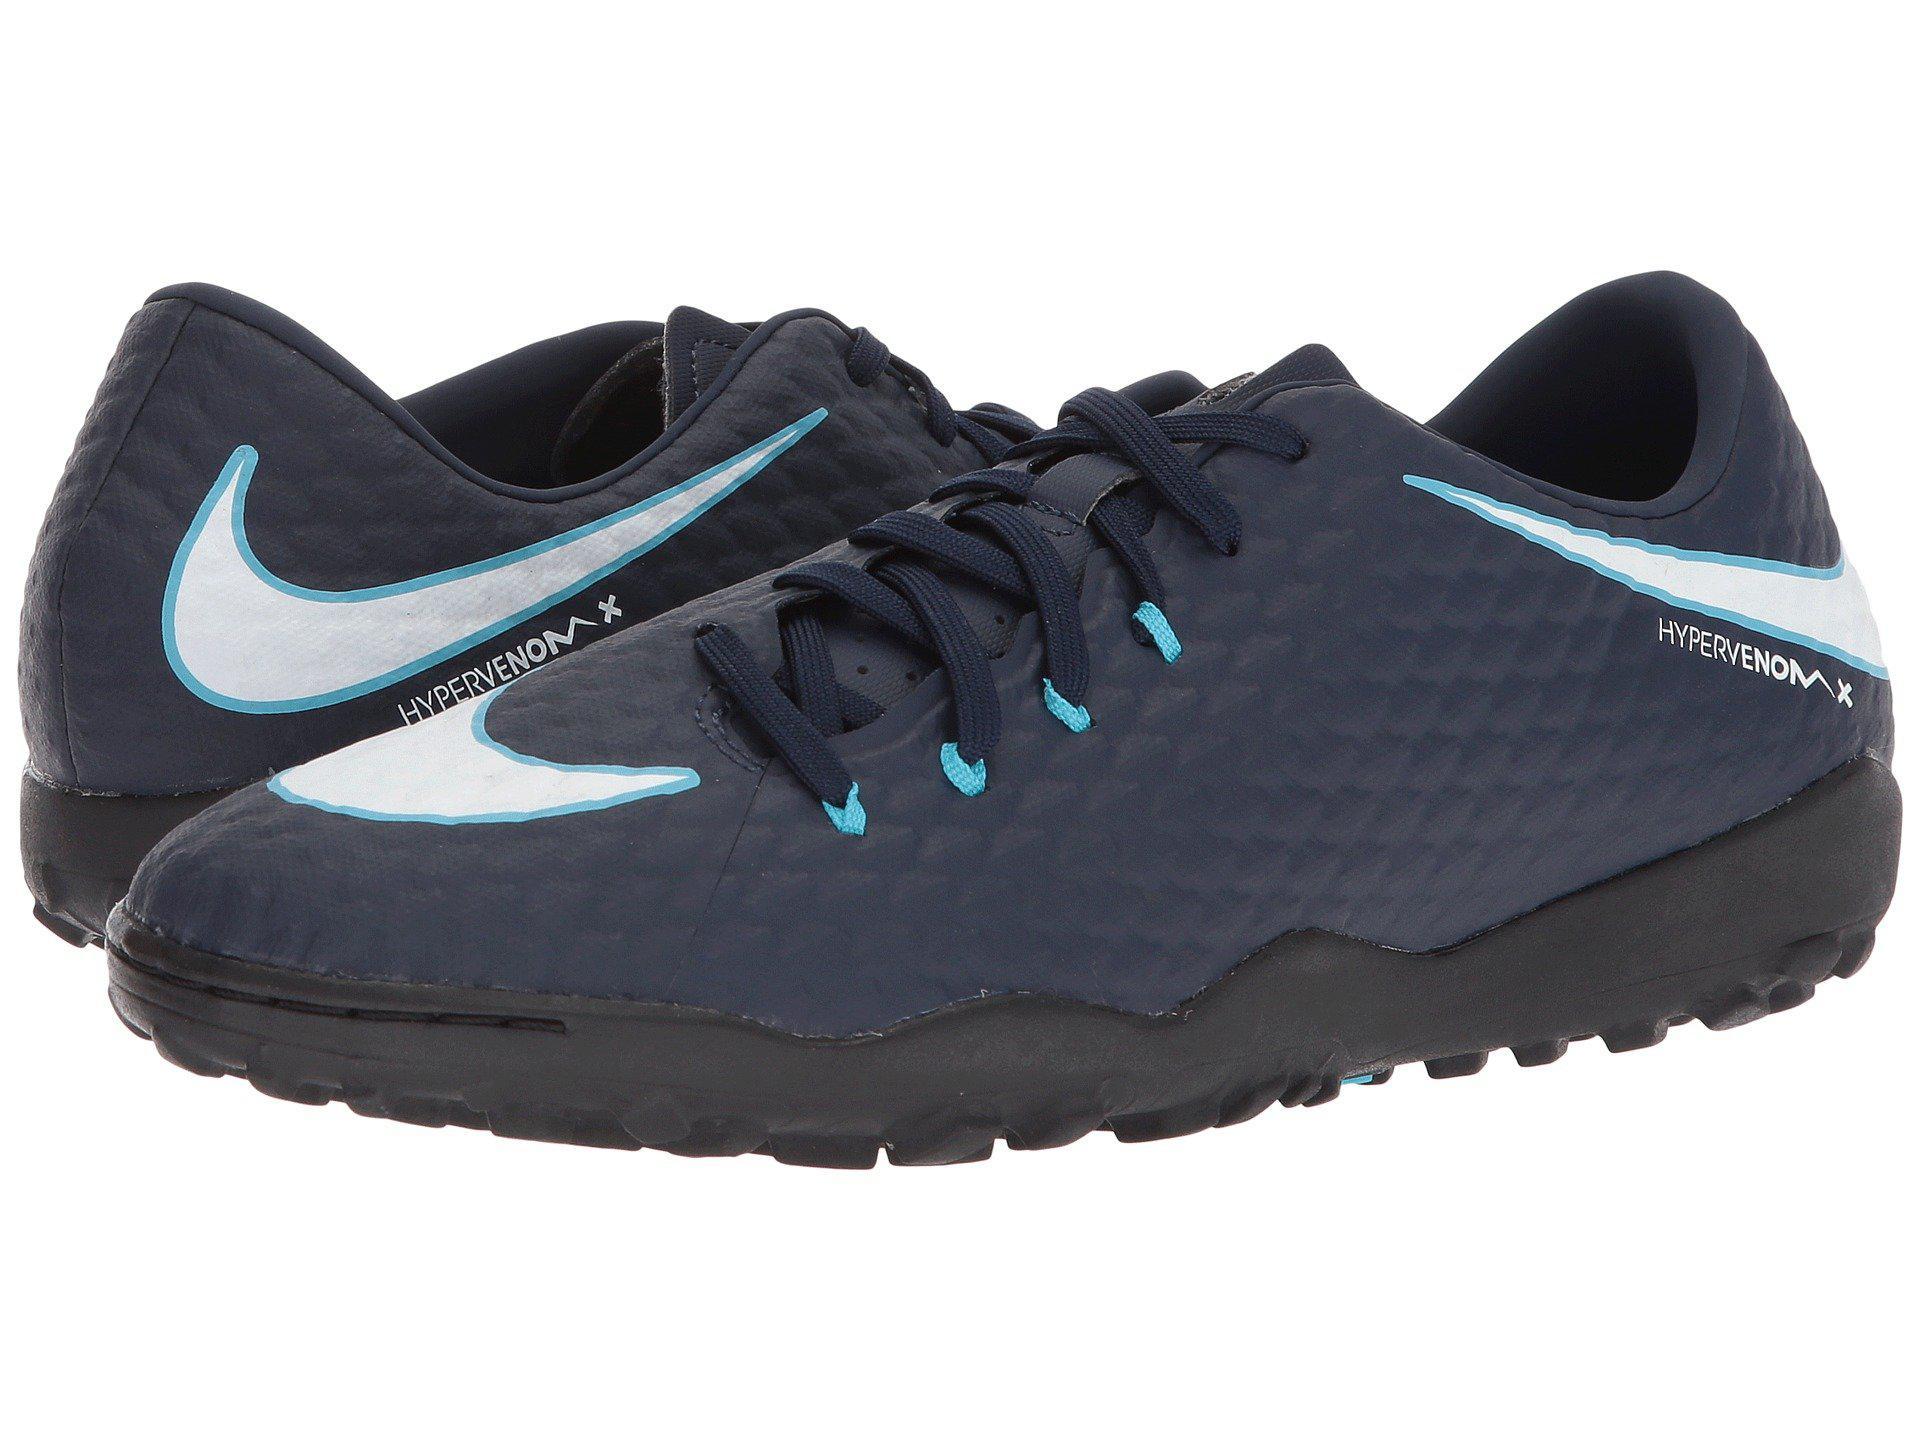 Lyst - Nike Hypervenom Phelon Iii Tf in Blue for Men - Save 33% 4197d4869